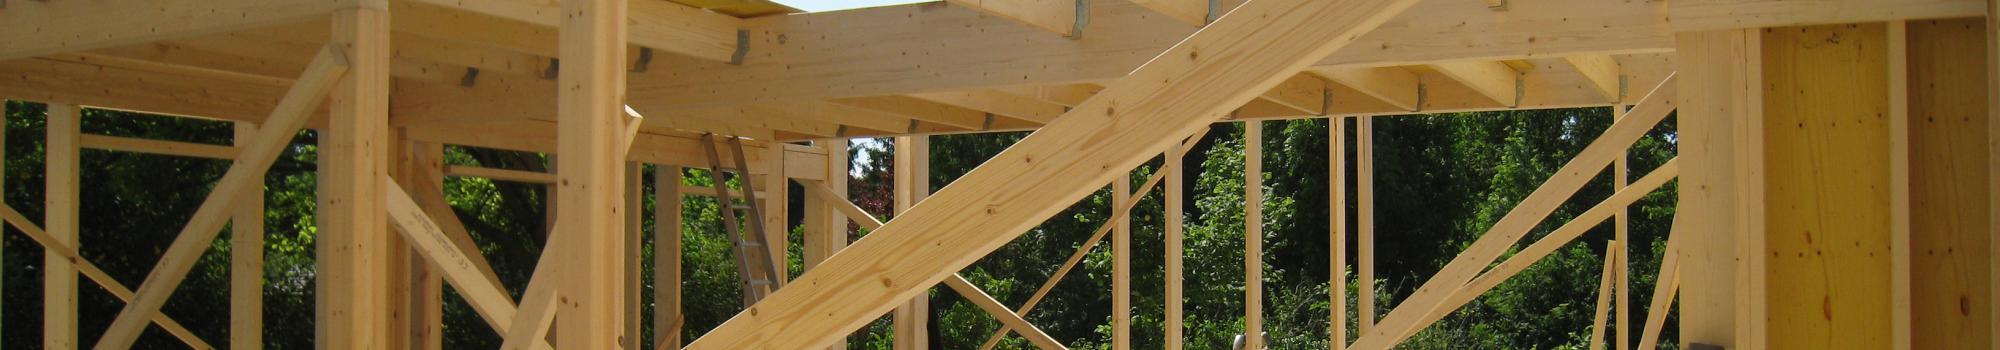 walltie timber construction